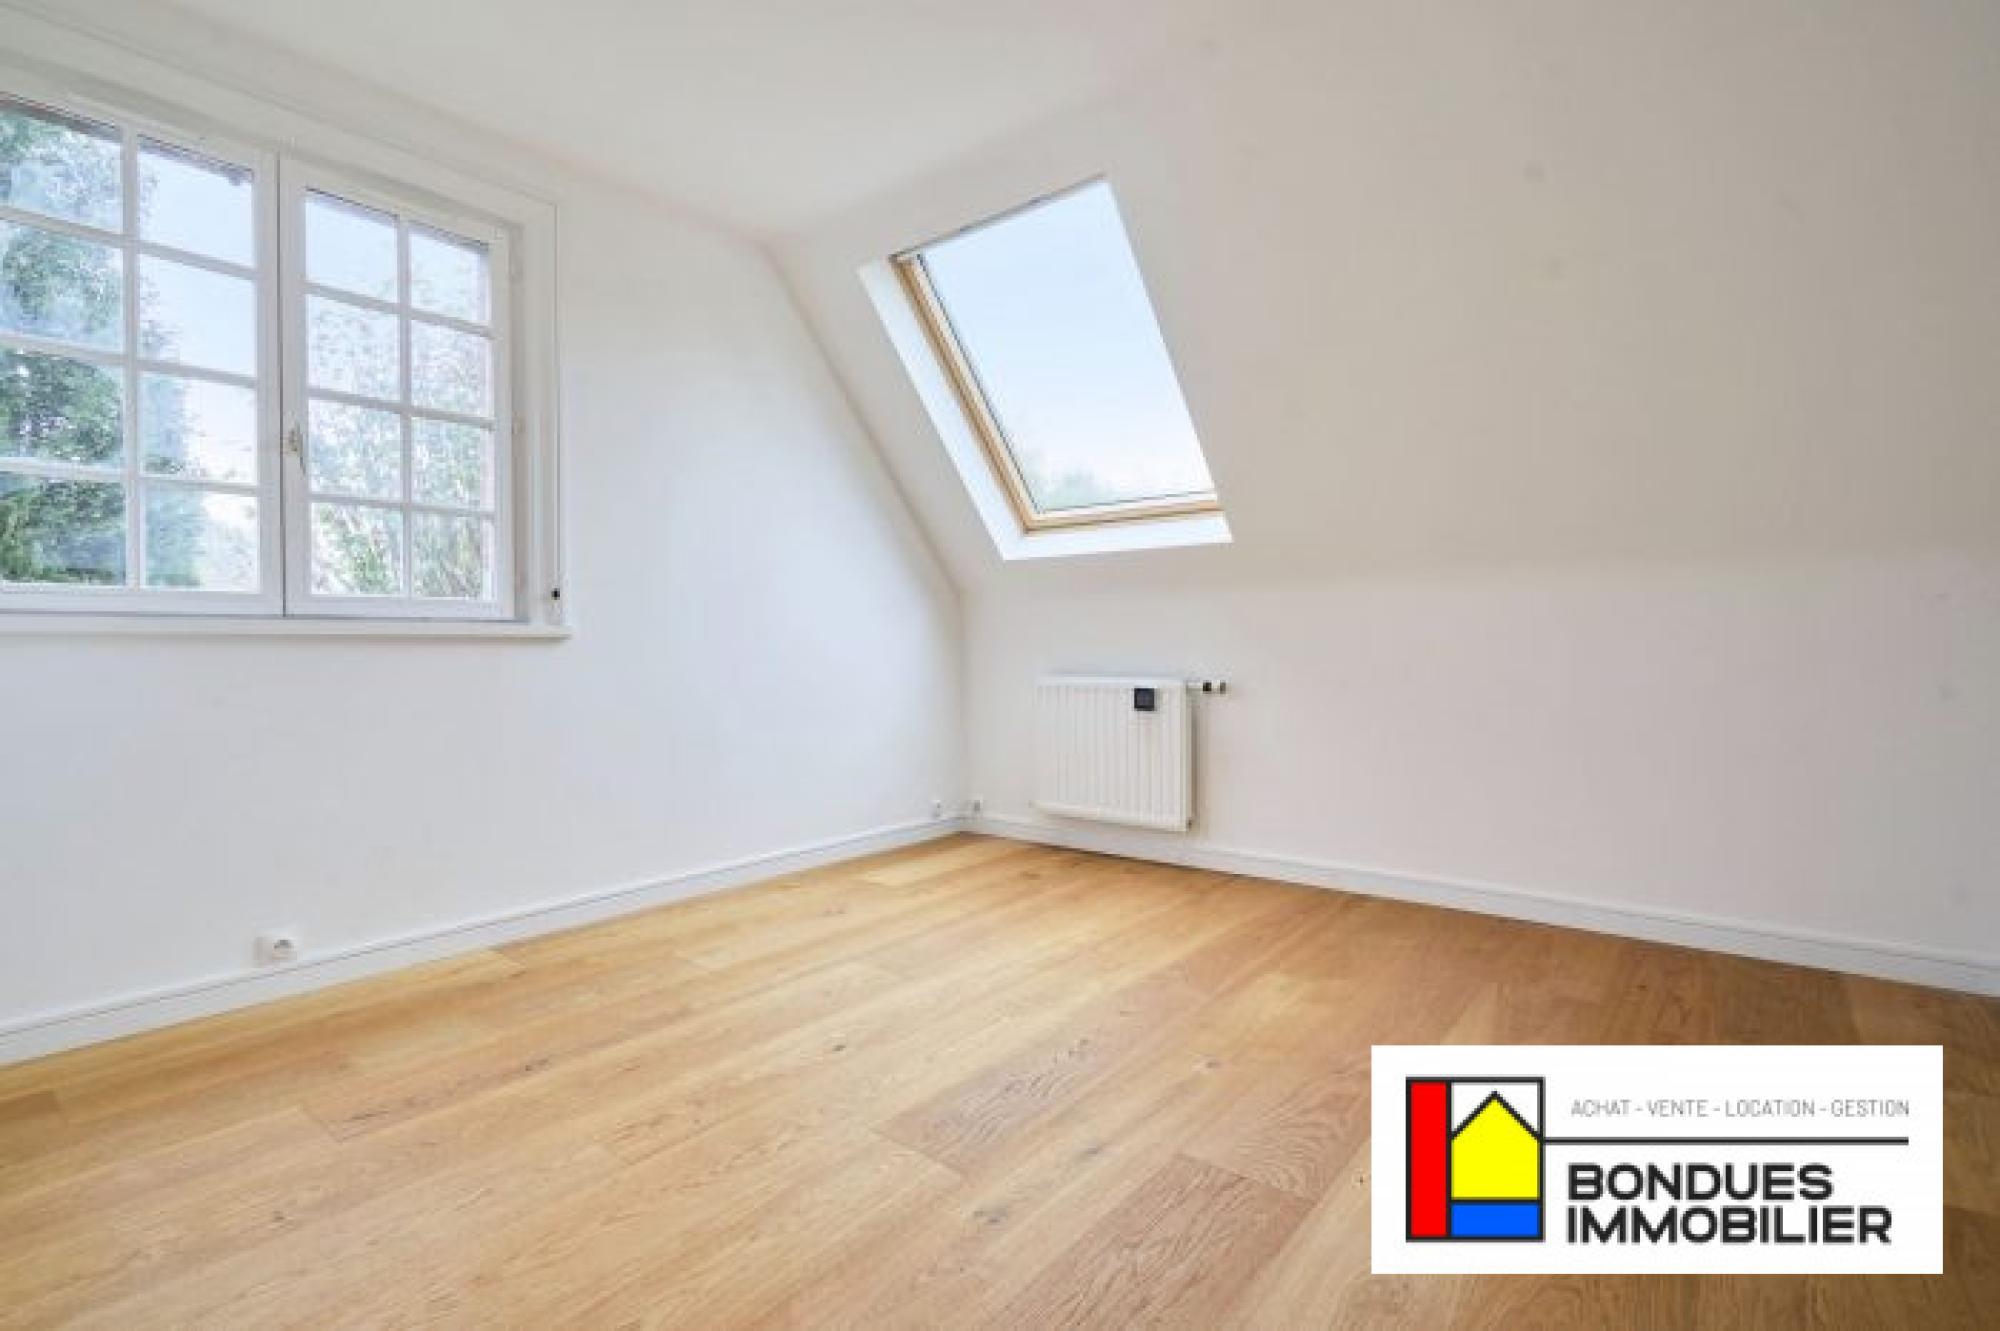 vente maison bondues refVM420 (11)